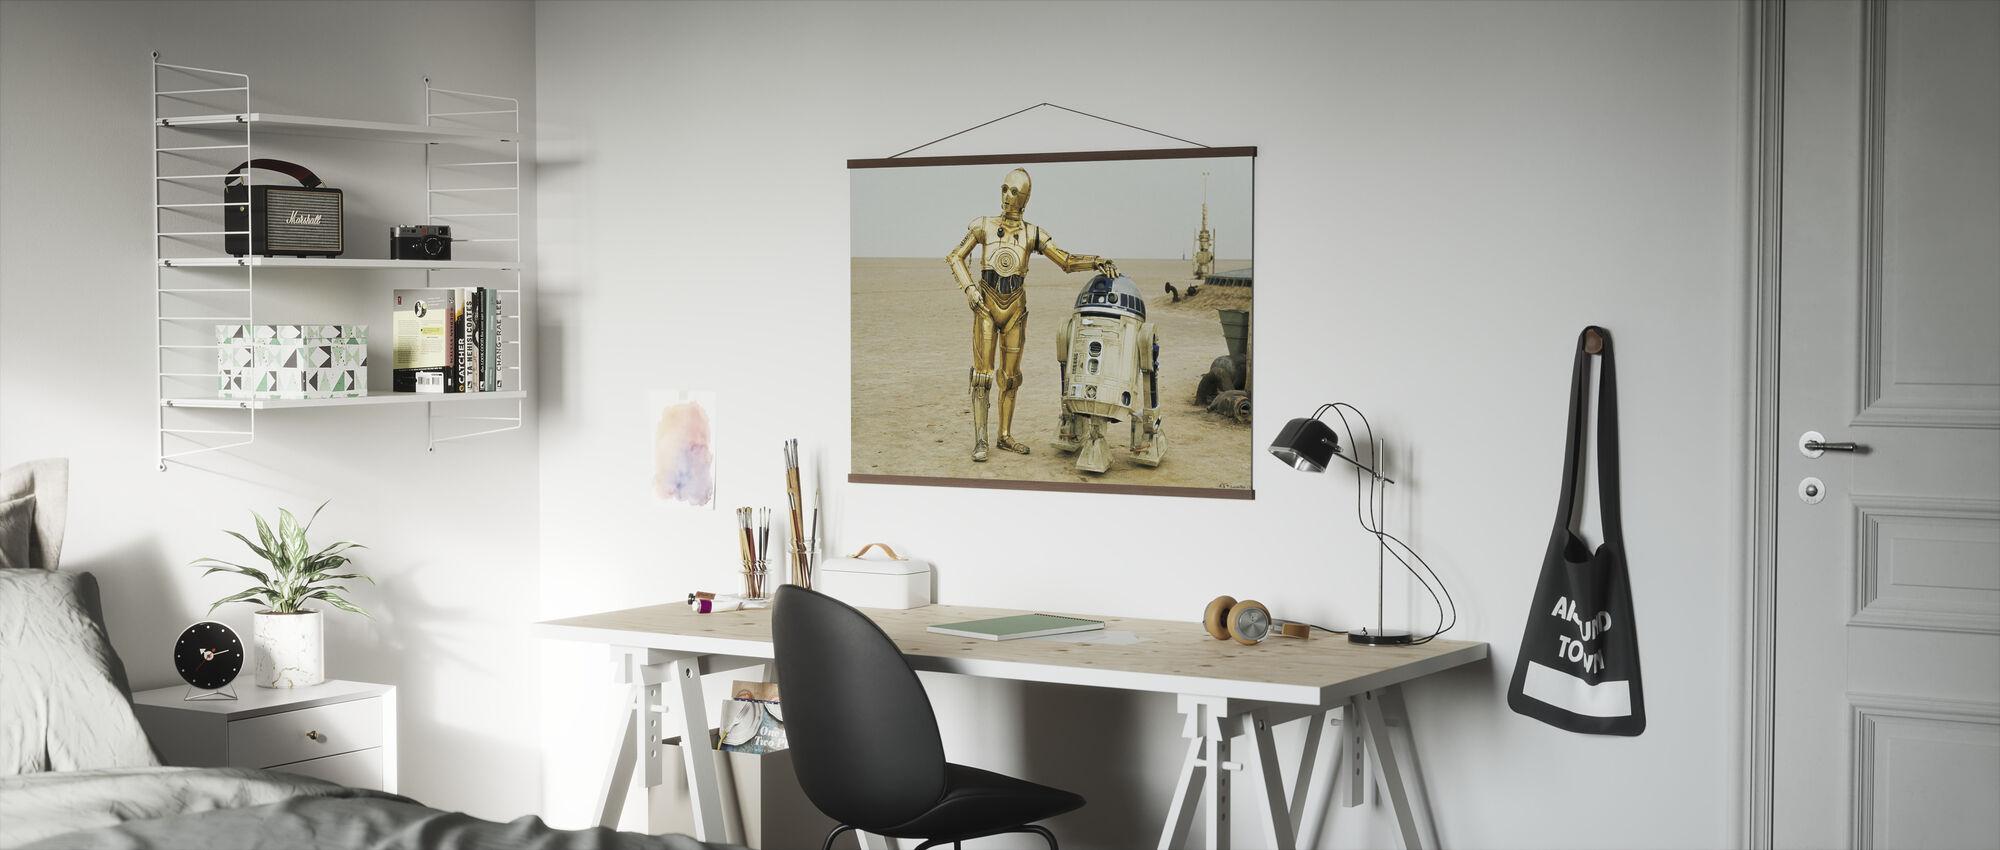 Star Wars - R2-D2 og C-3PO - Plakat - Kontor